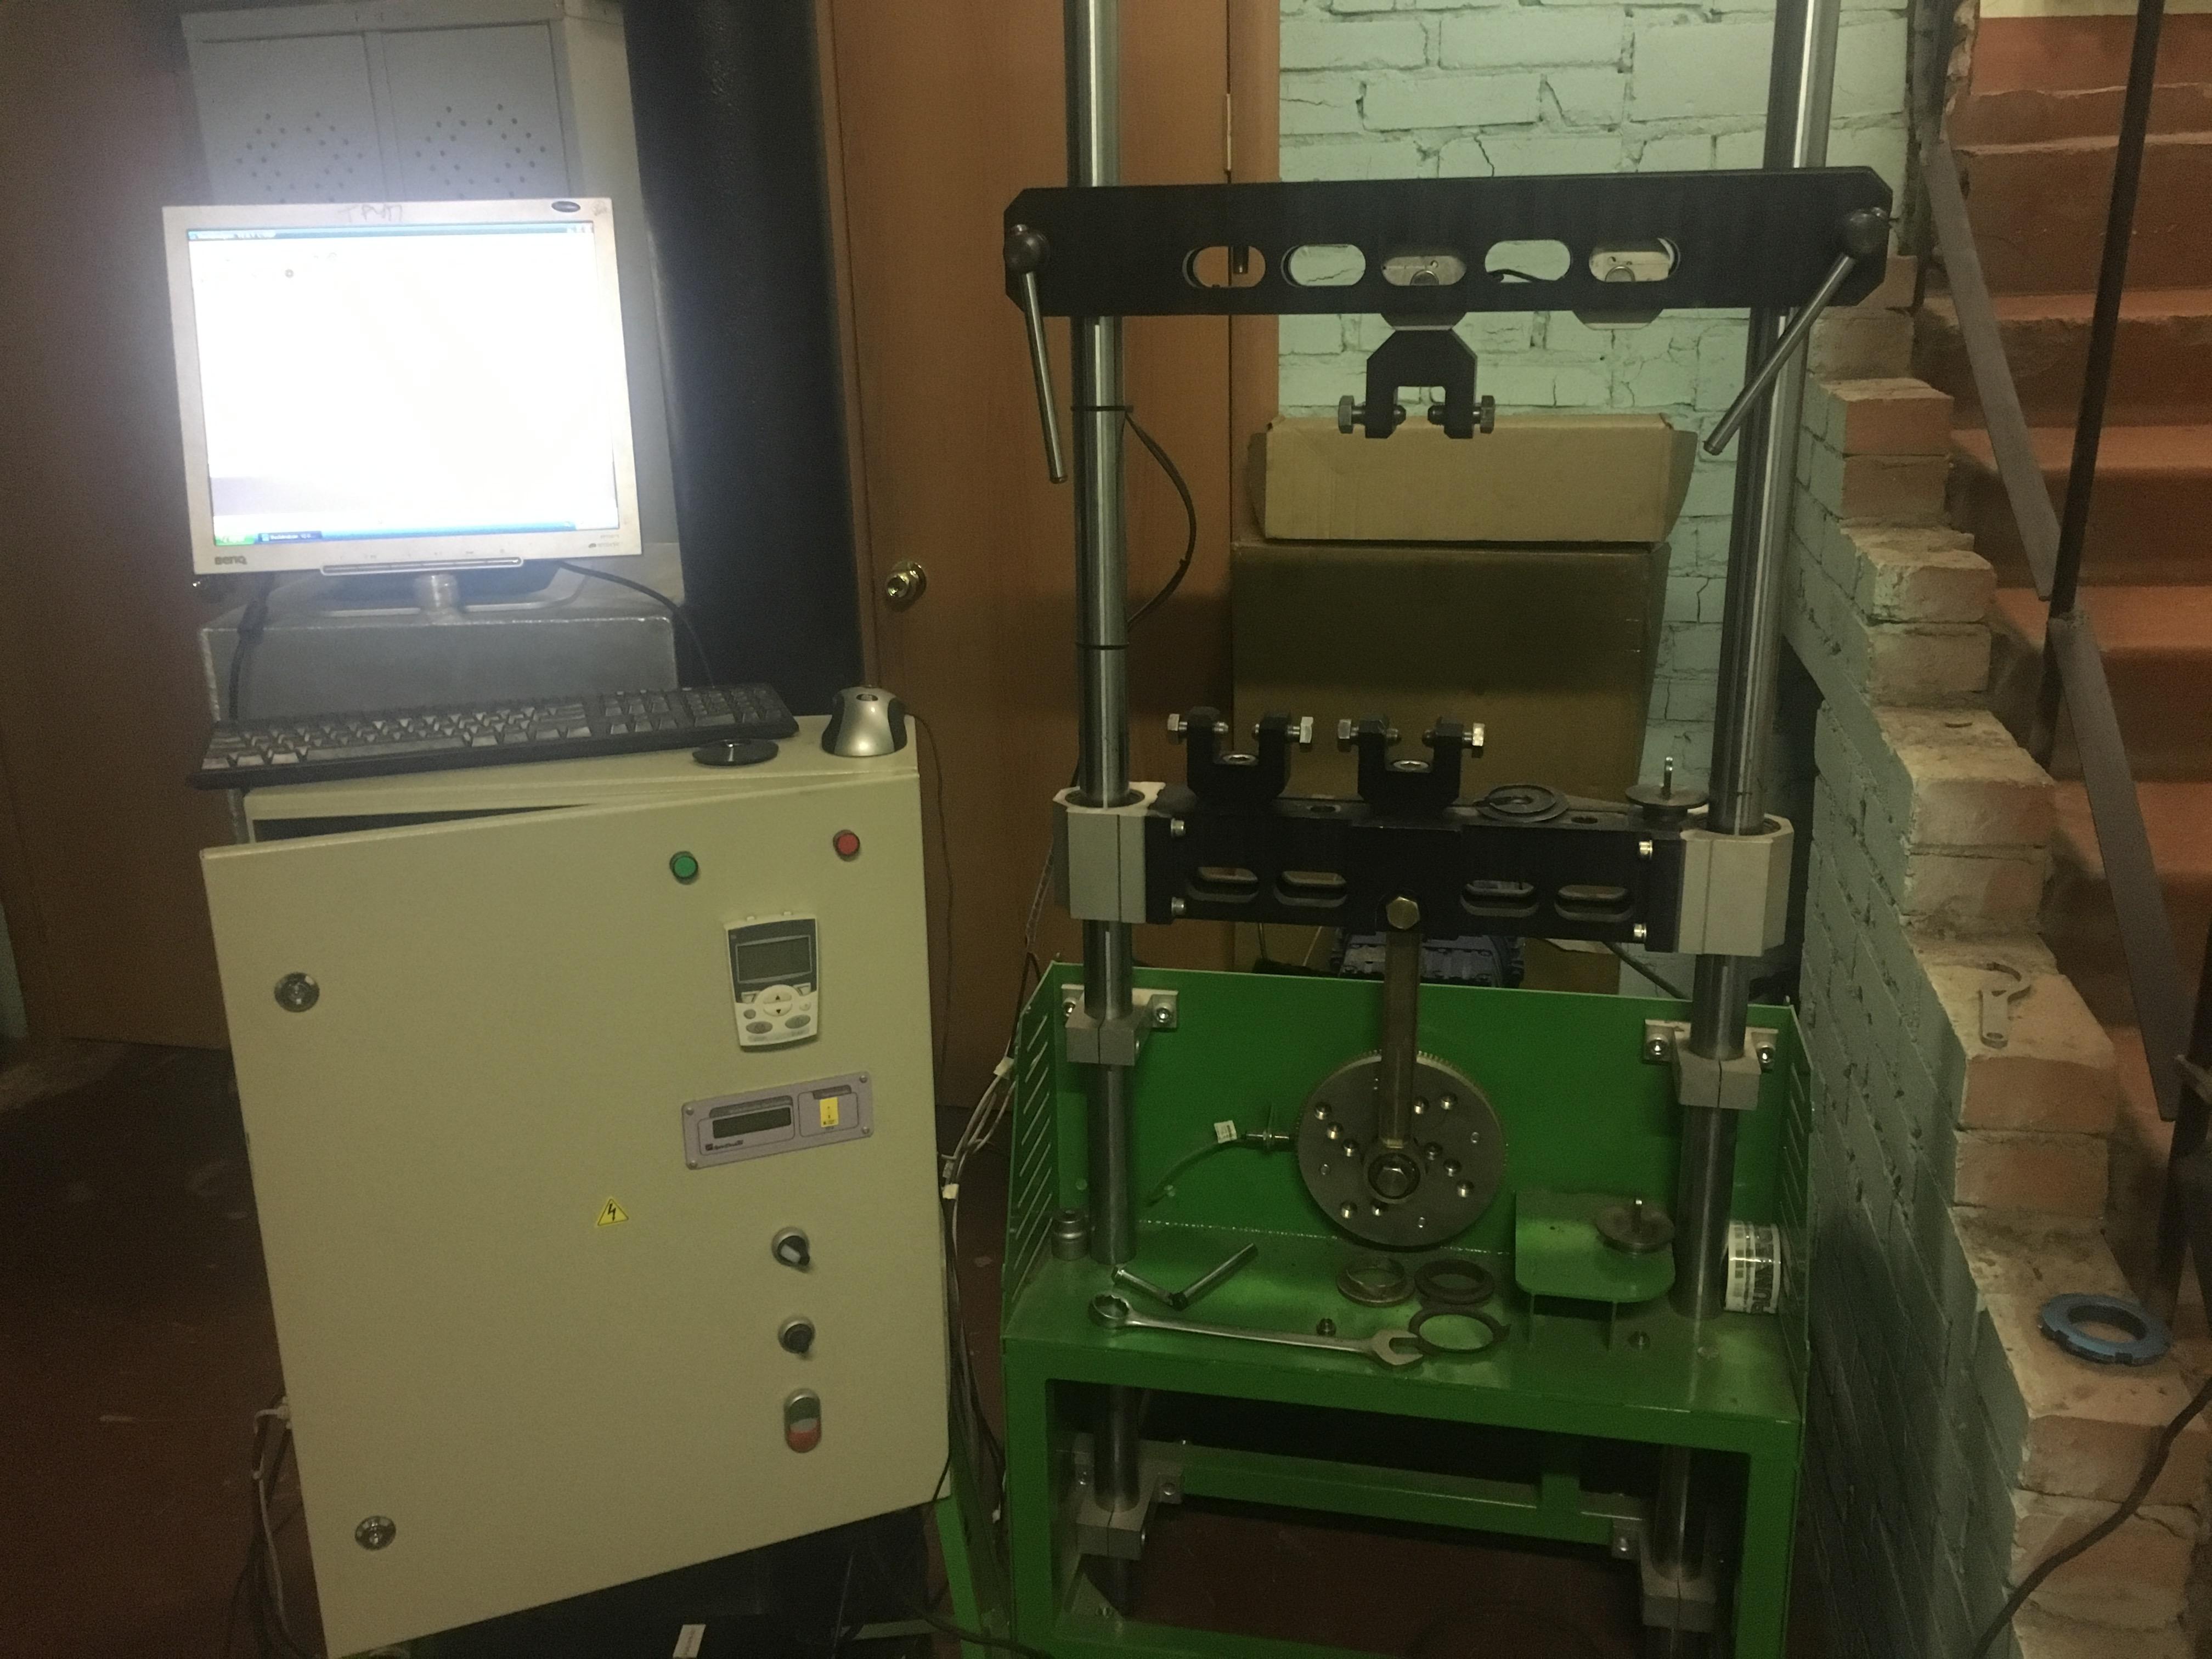 На производстве имеется стенд, для снятия показателей амортизаторов и пружин. Здесь так же проверяется прочность и надежность узлов амортизаторов.